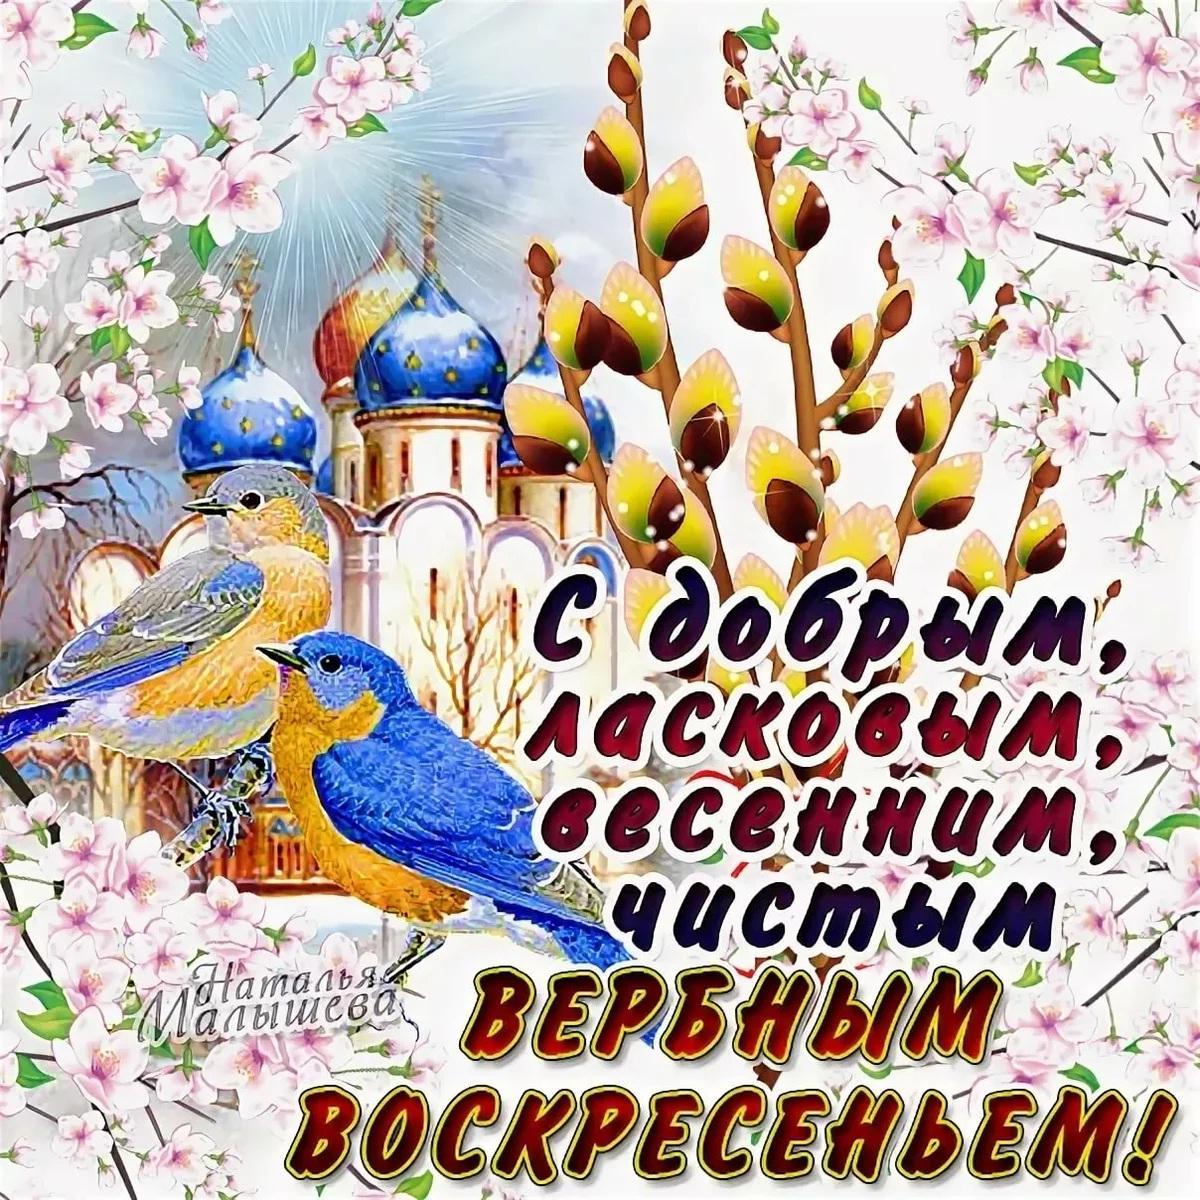 Фото Вербное воскресенье 25 апреля: красивые открытки и душевные поздравления 5